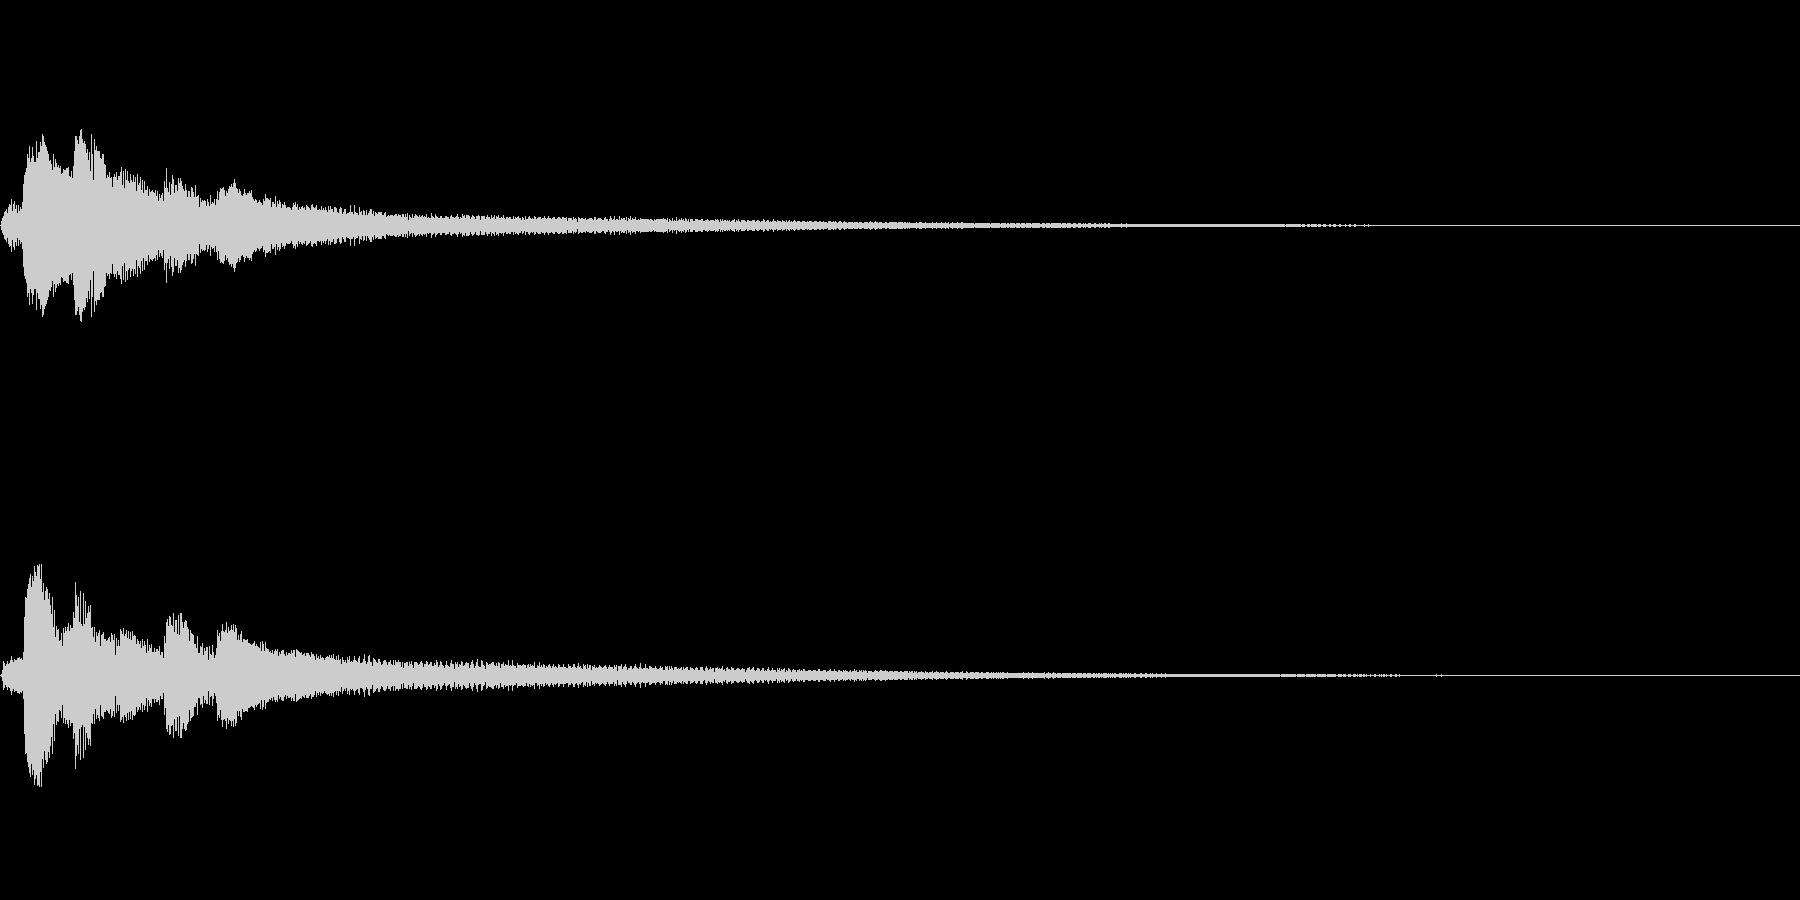 風のイメージジングル/ピアノソロの未再生の波形